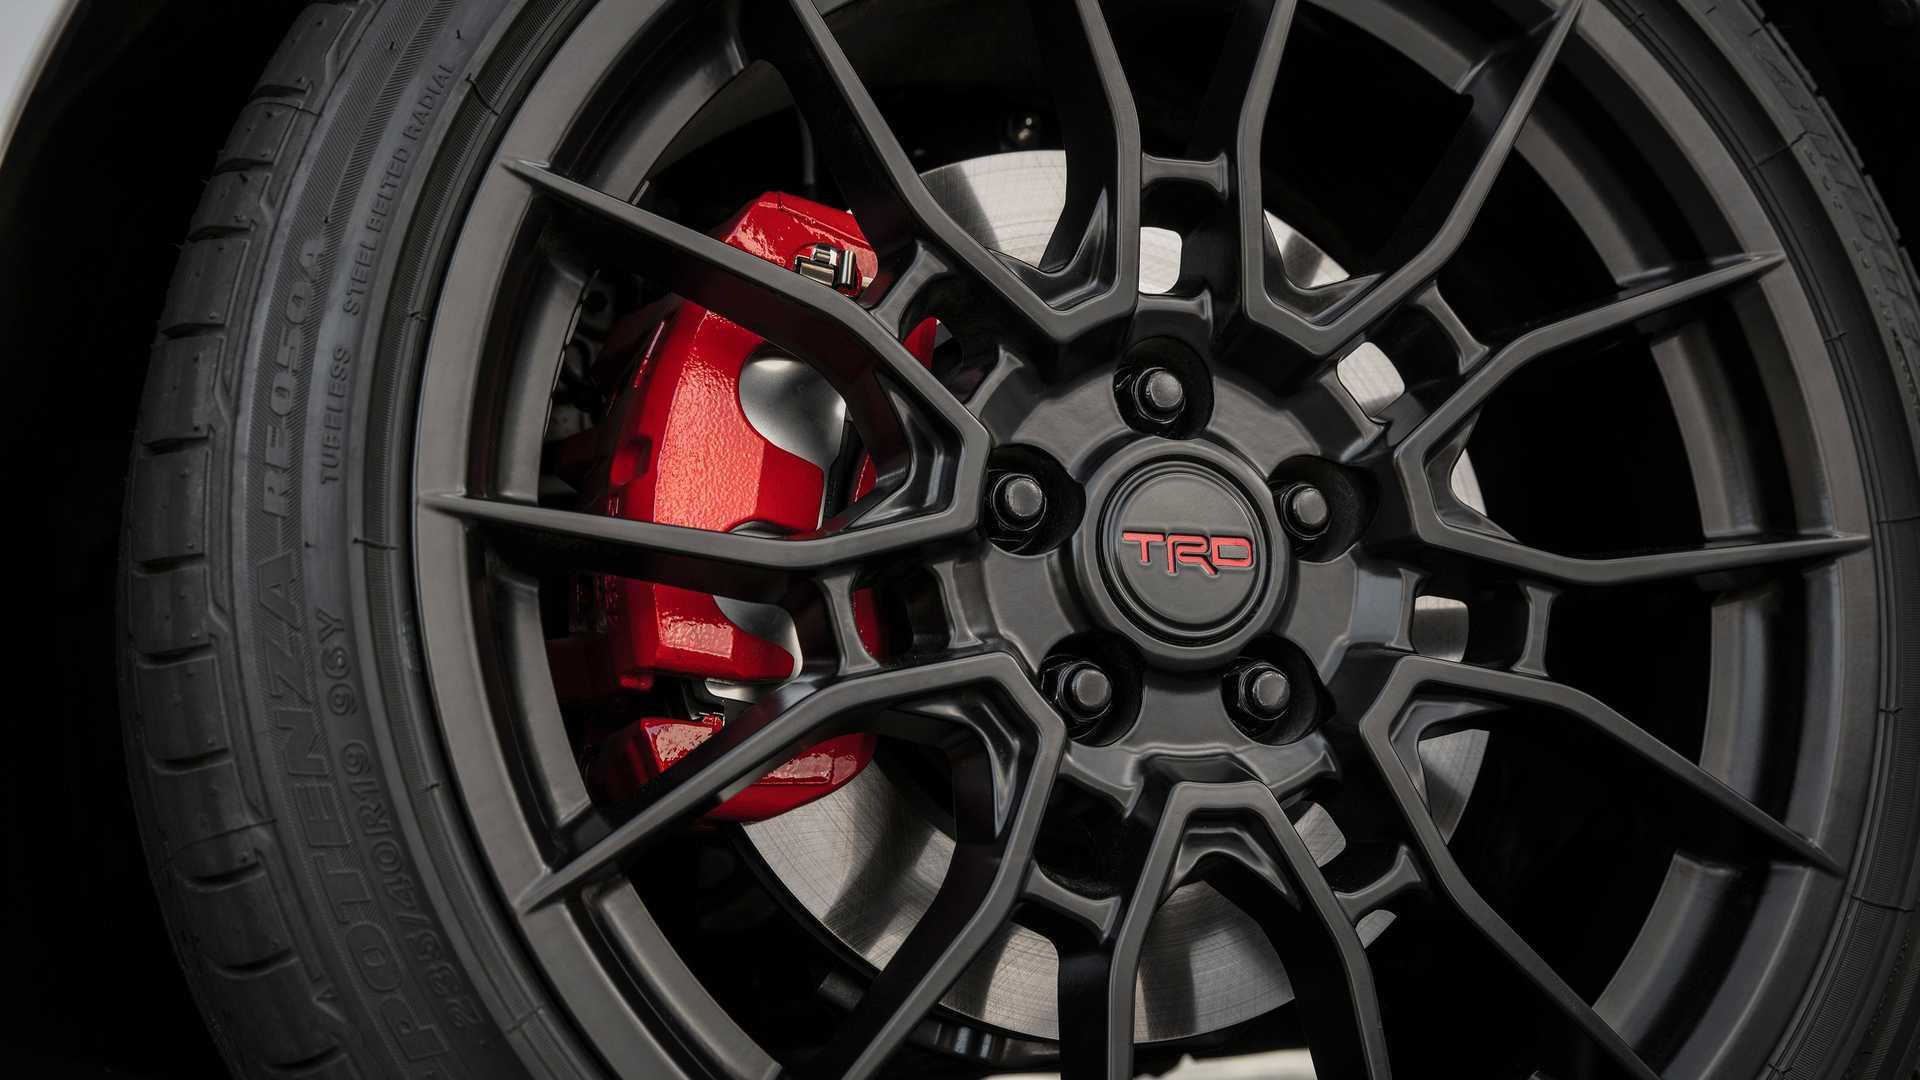 Toyota Camry TRD 2020 sản xuất giới hạn, công bố giá từ 744 triệu - 10